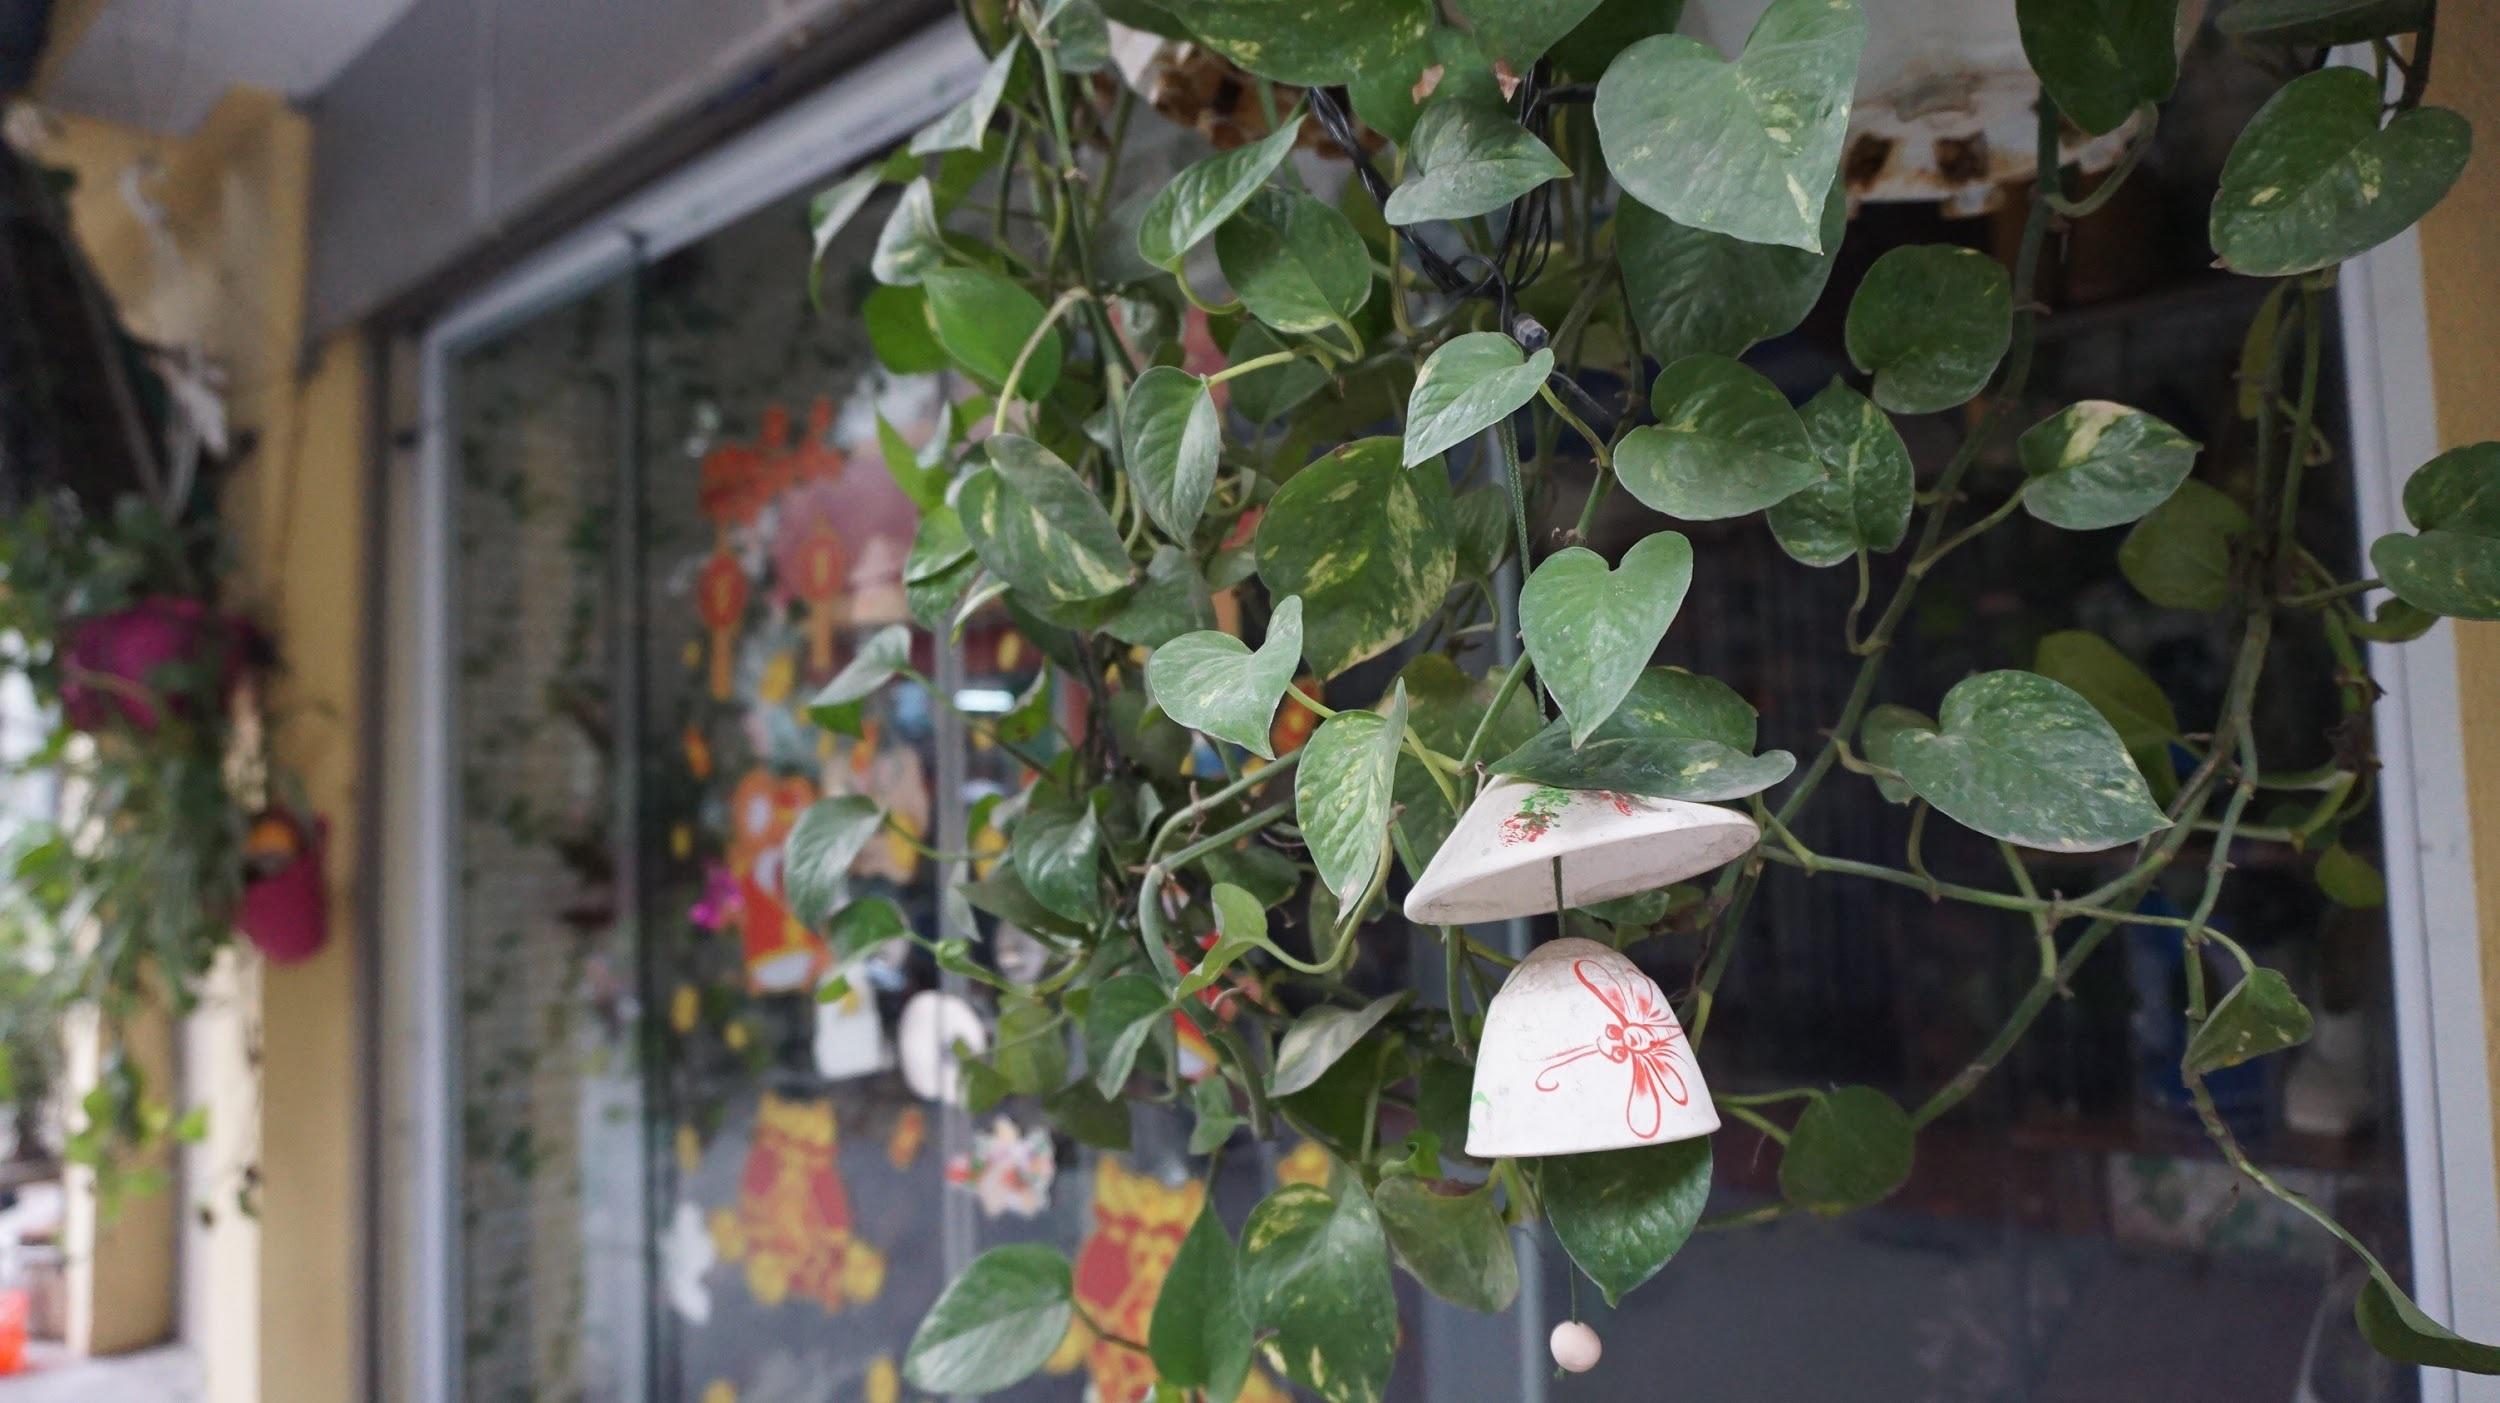 Nhà cây 5 tầng phủ kín hoa giấy ở Hà Nội, ai đi qua cũng dừng lại ngắm - 7